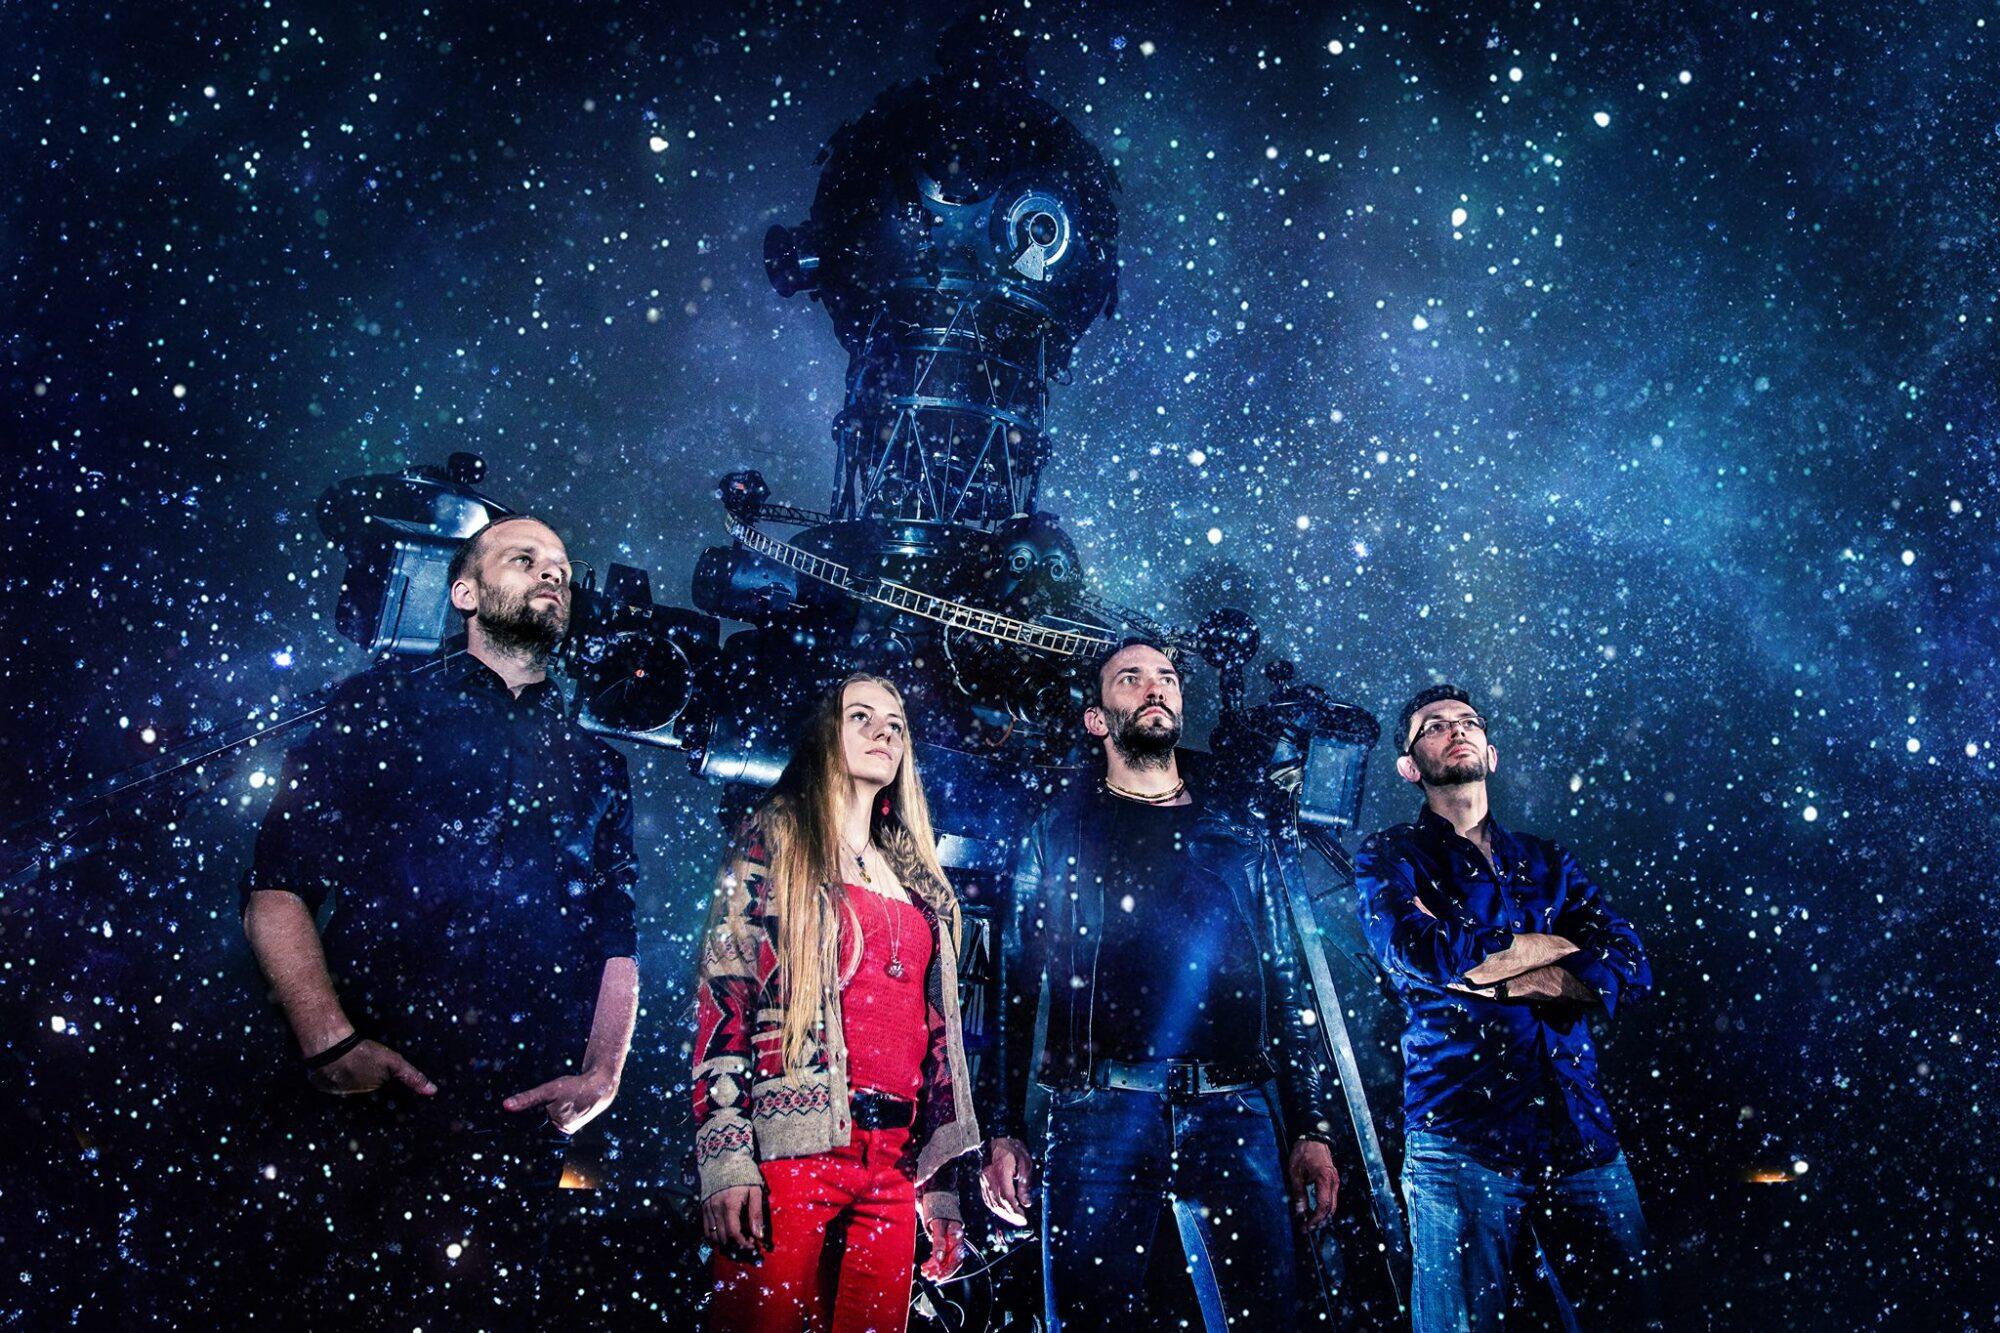 Cztery osoby stojące na tle urządzenia do wyświetlania mapy gwiazd w planetarium